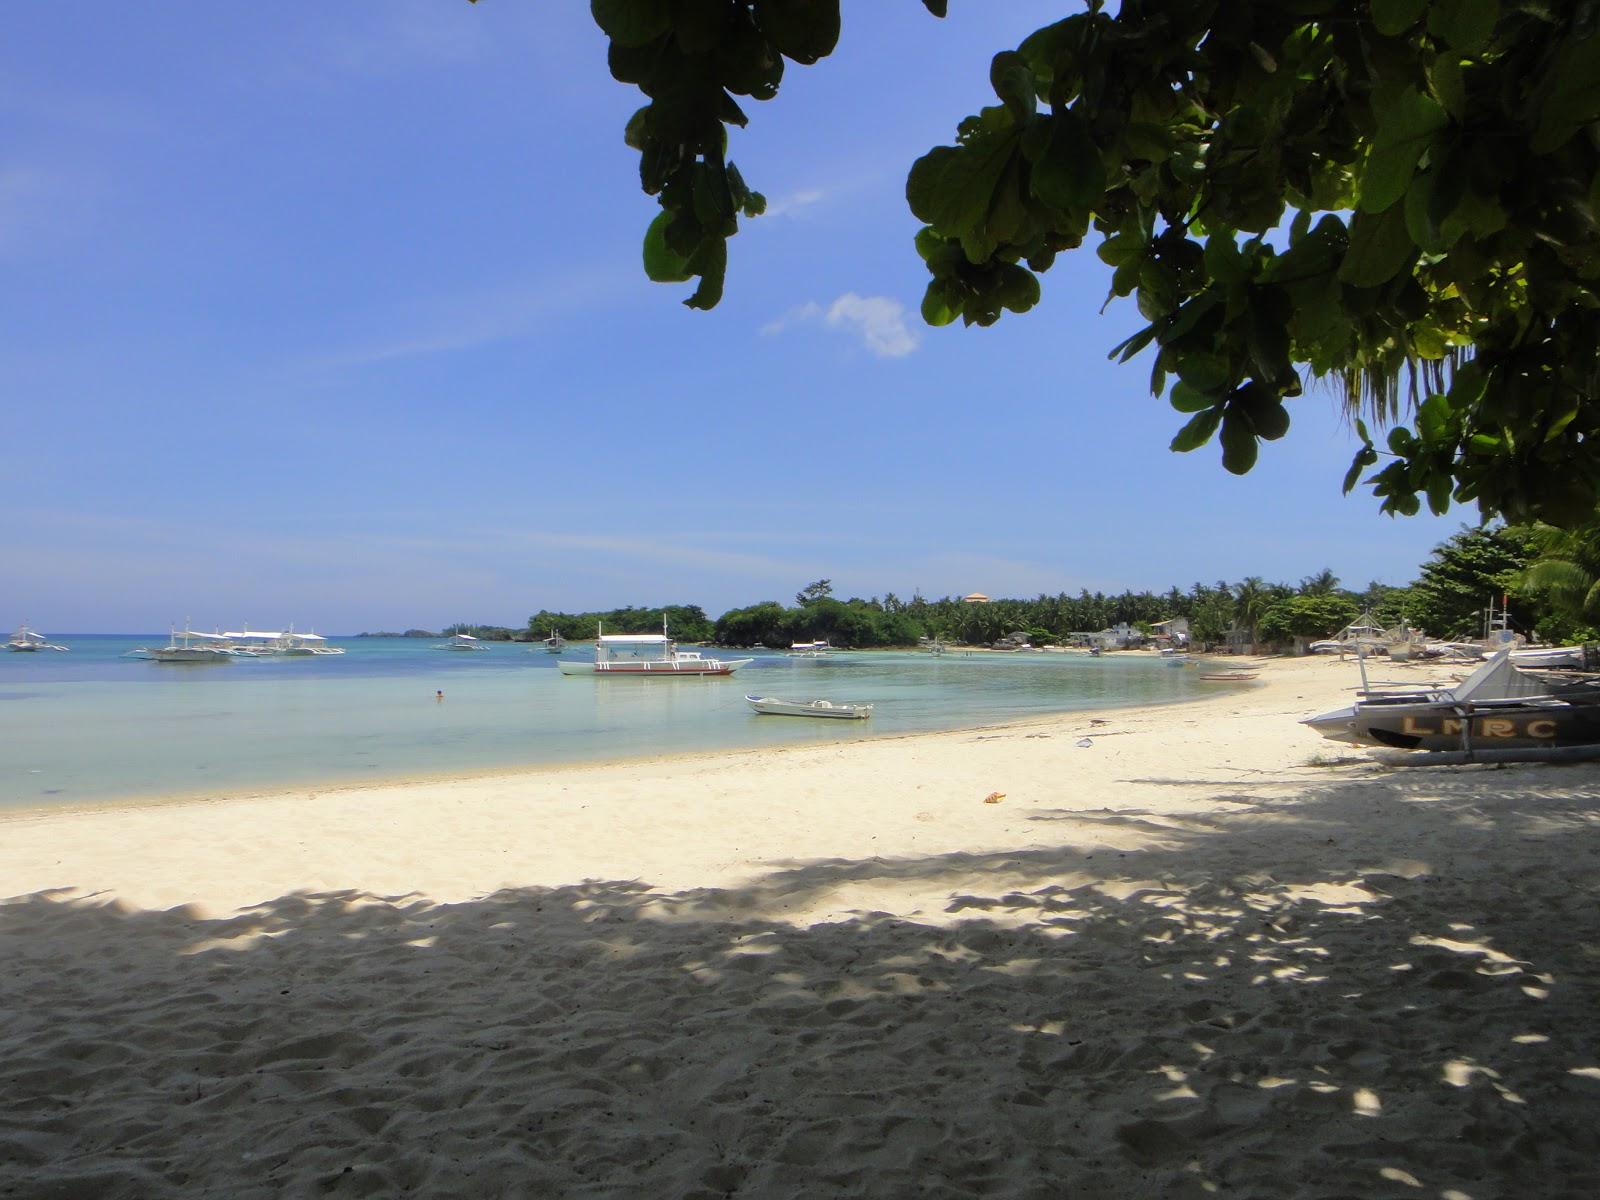 マラパスクア島の日陰の浜辺